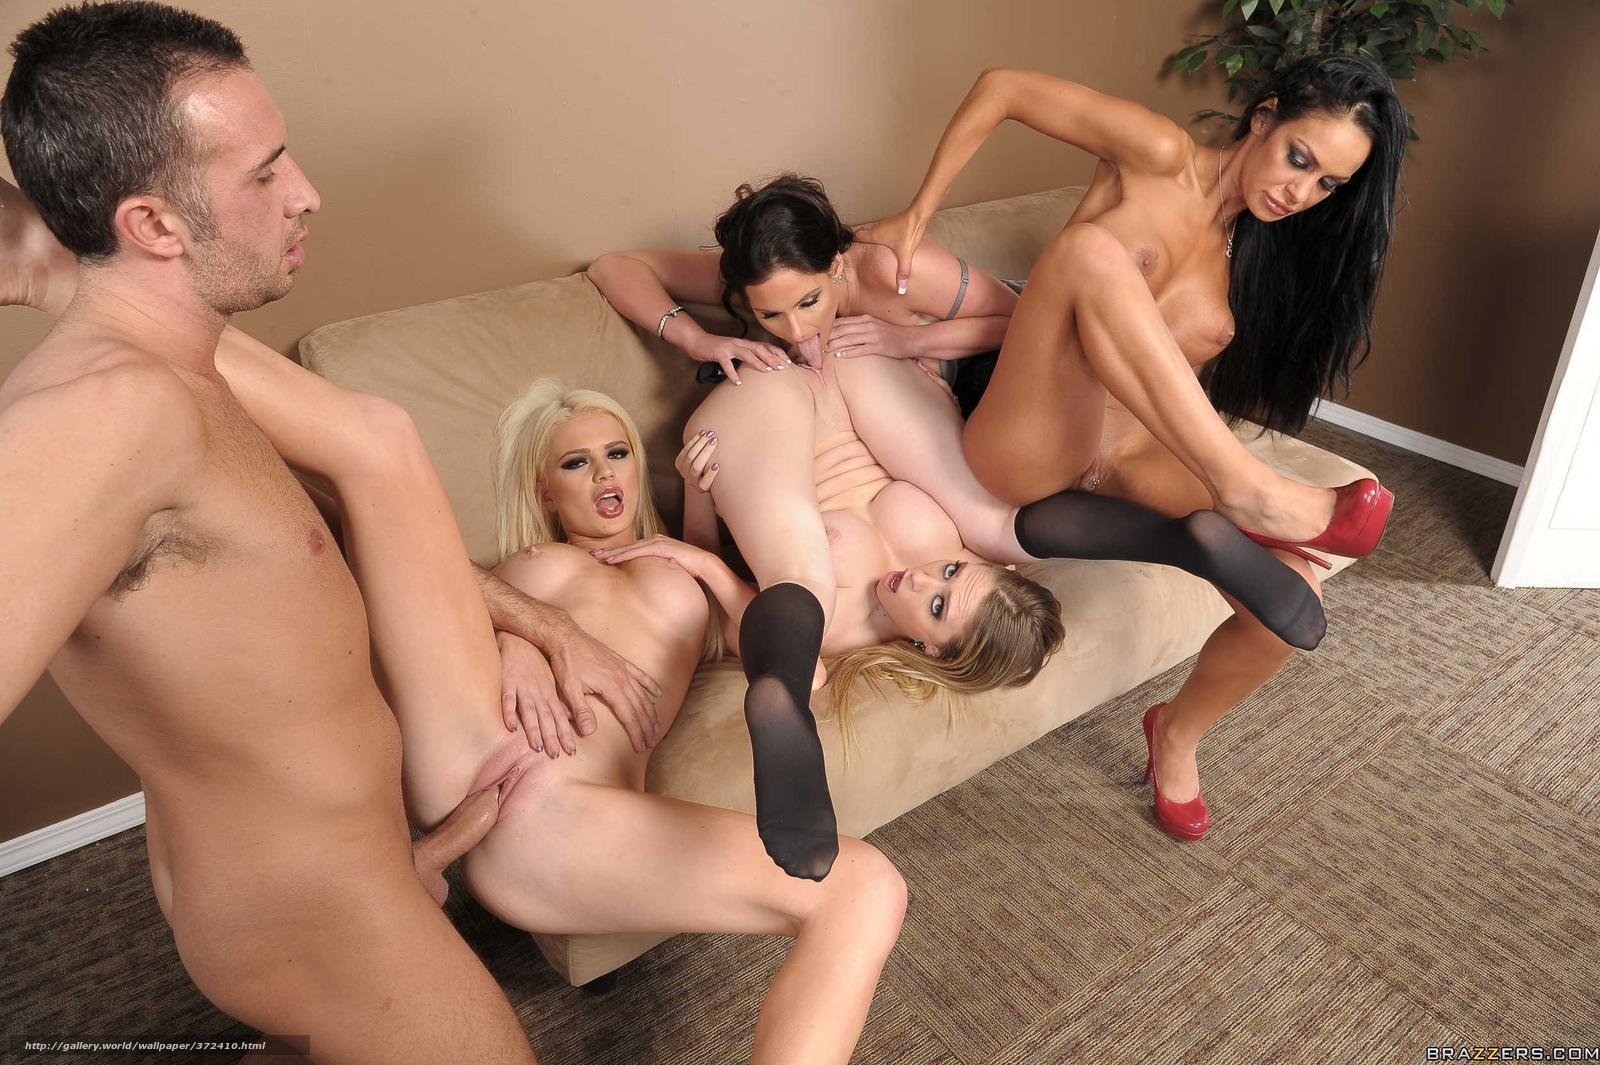 Развратный порно чат, Сексчат бесплатно с лайв-кам-женщинами 11 фотография